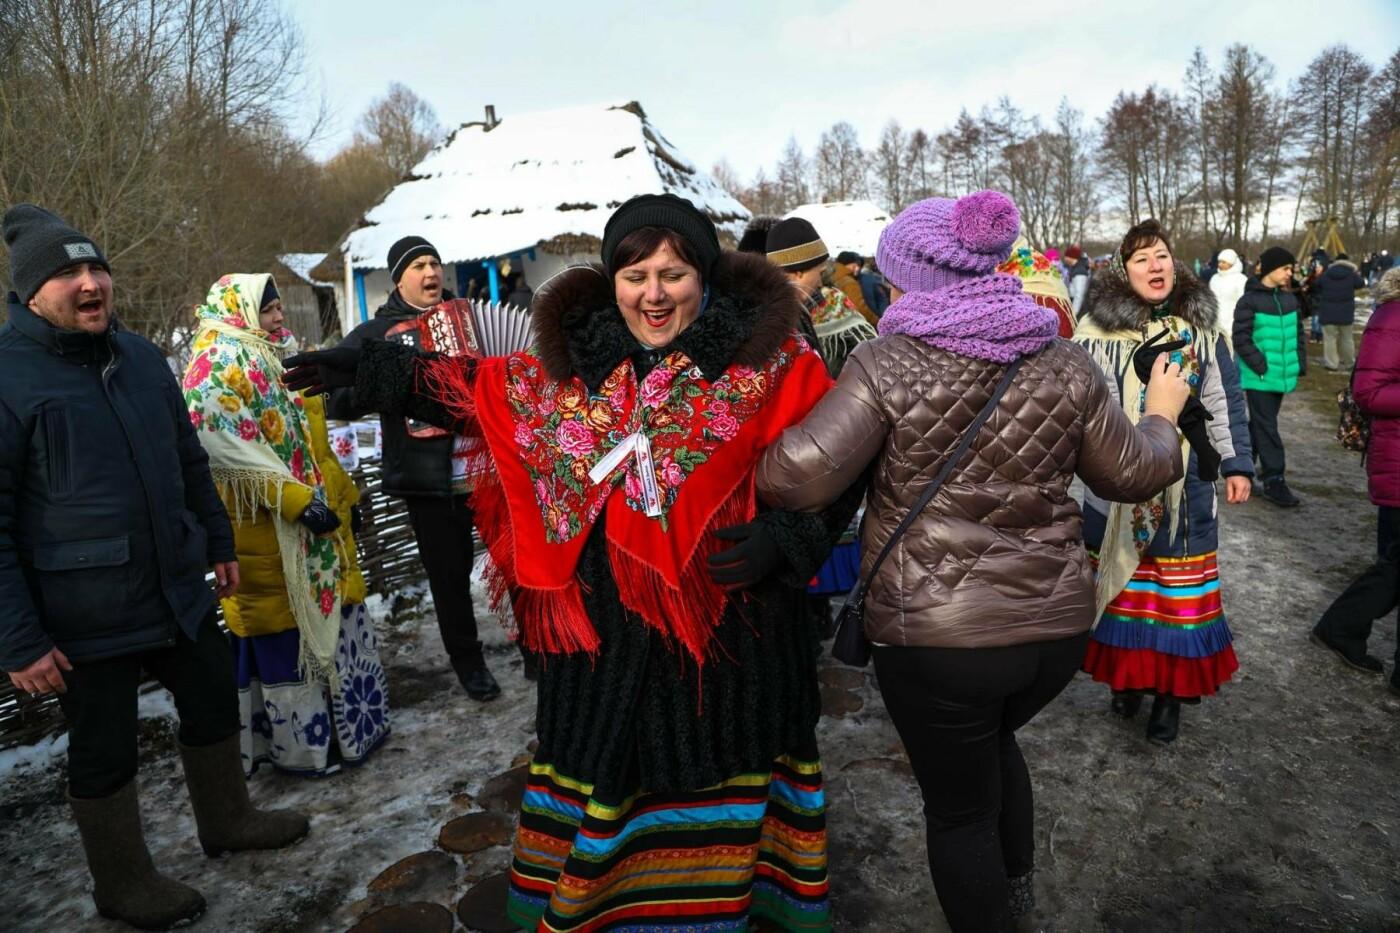 В Белгородской области в третий раз провели фестиваль «Маланья зимняя» — фоторепортаж, фото-17